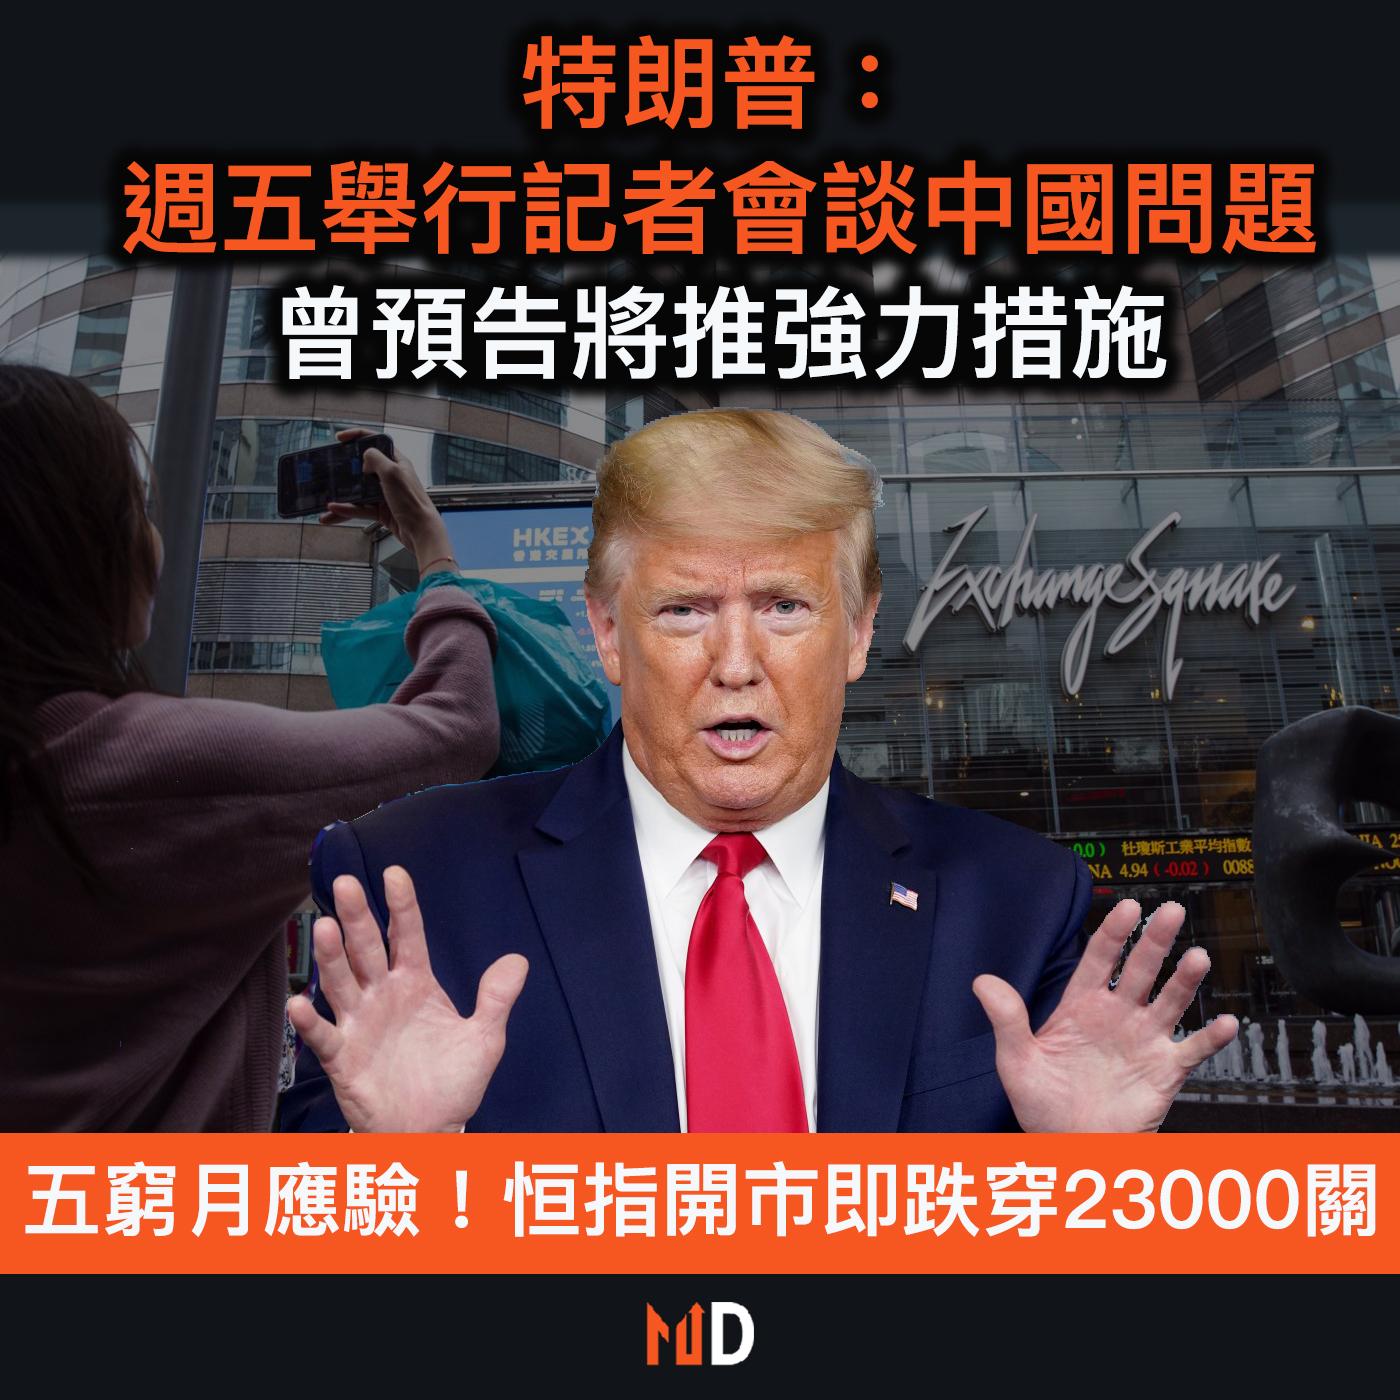 【市場熱話】特朗普:週五舉行記者會談中國問題,曾預告將對中方推強力措施